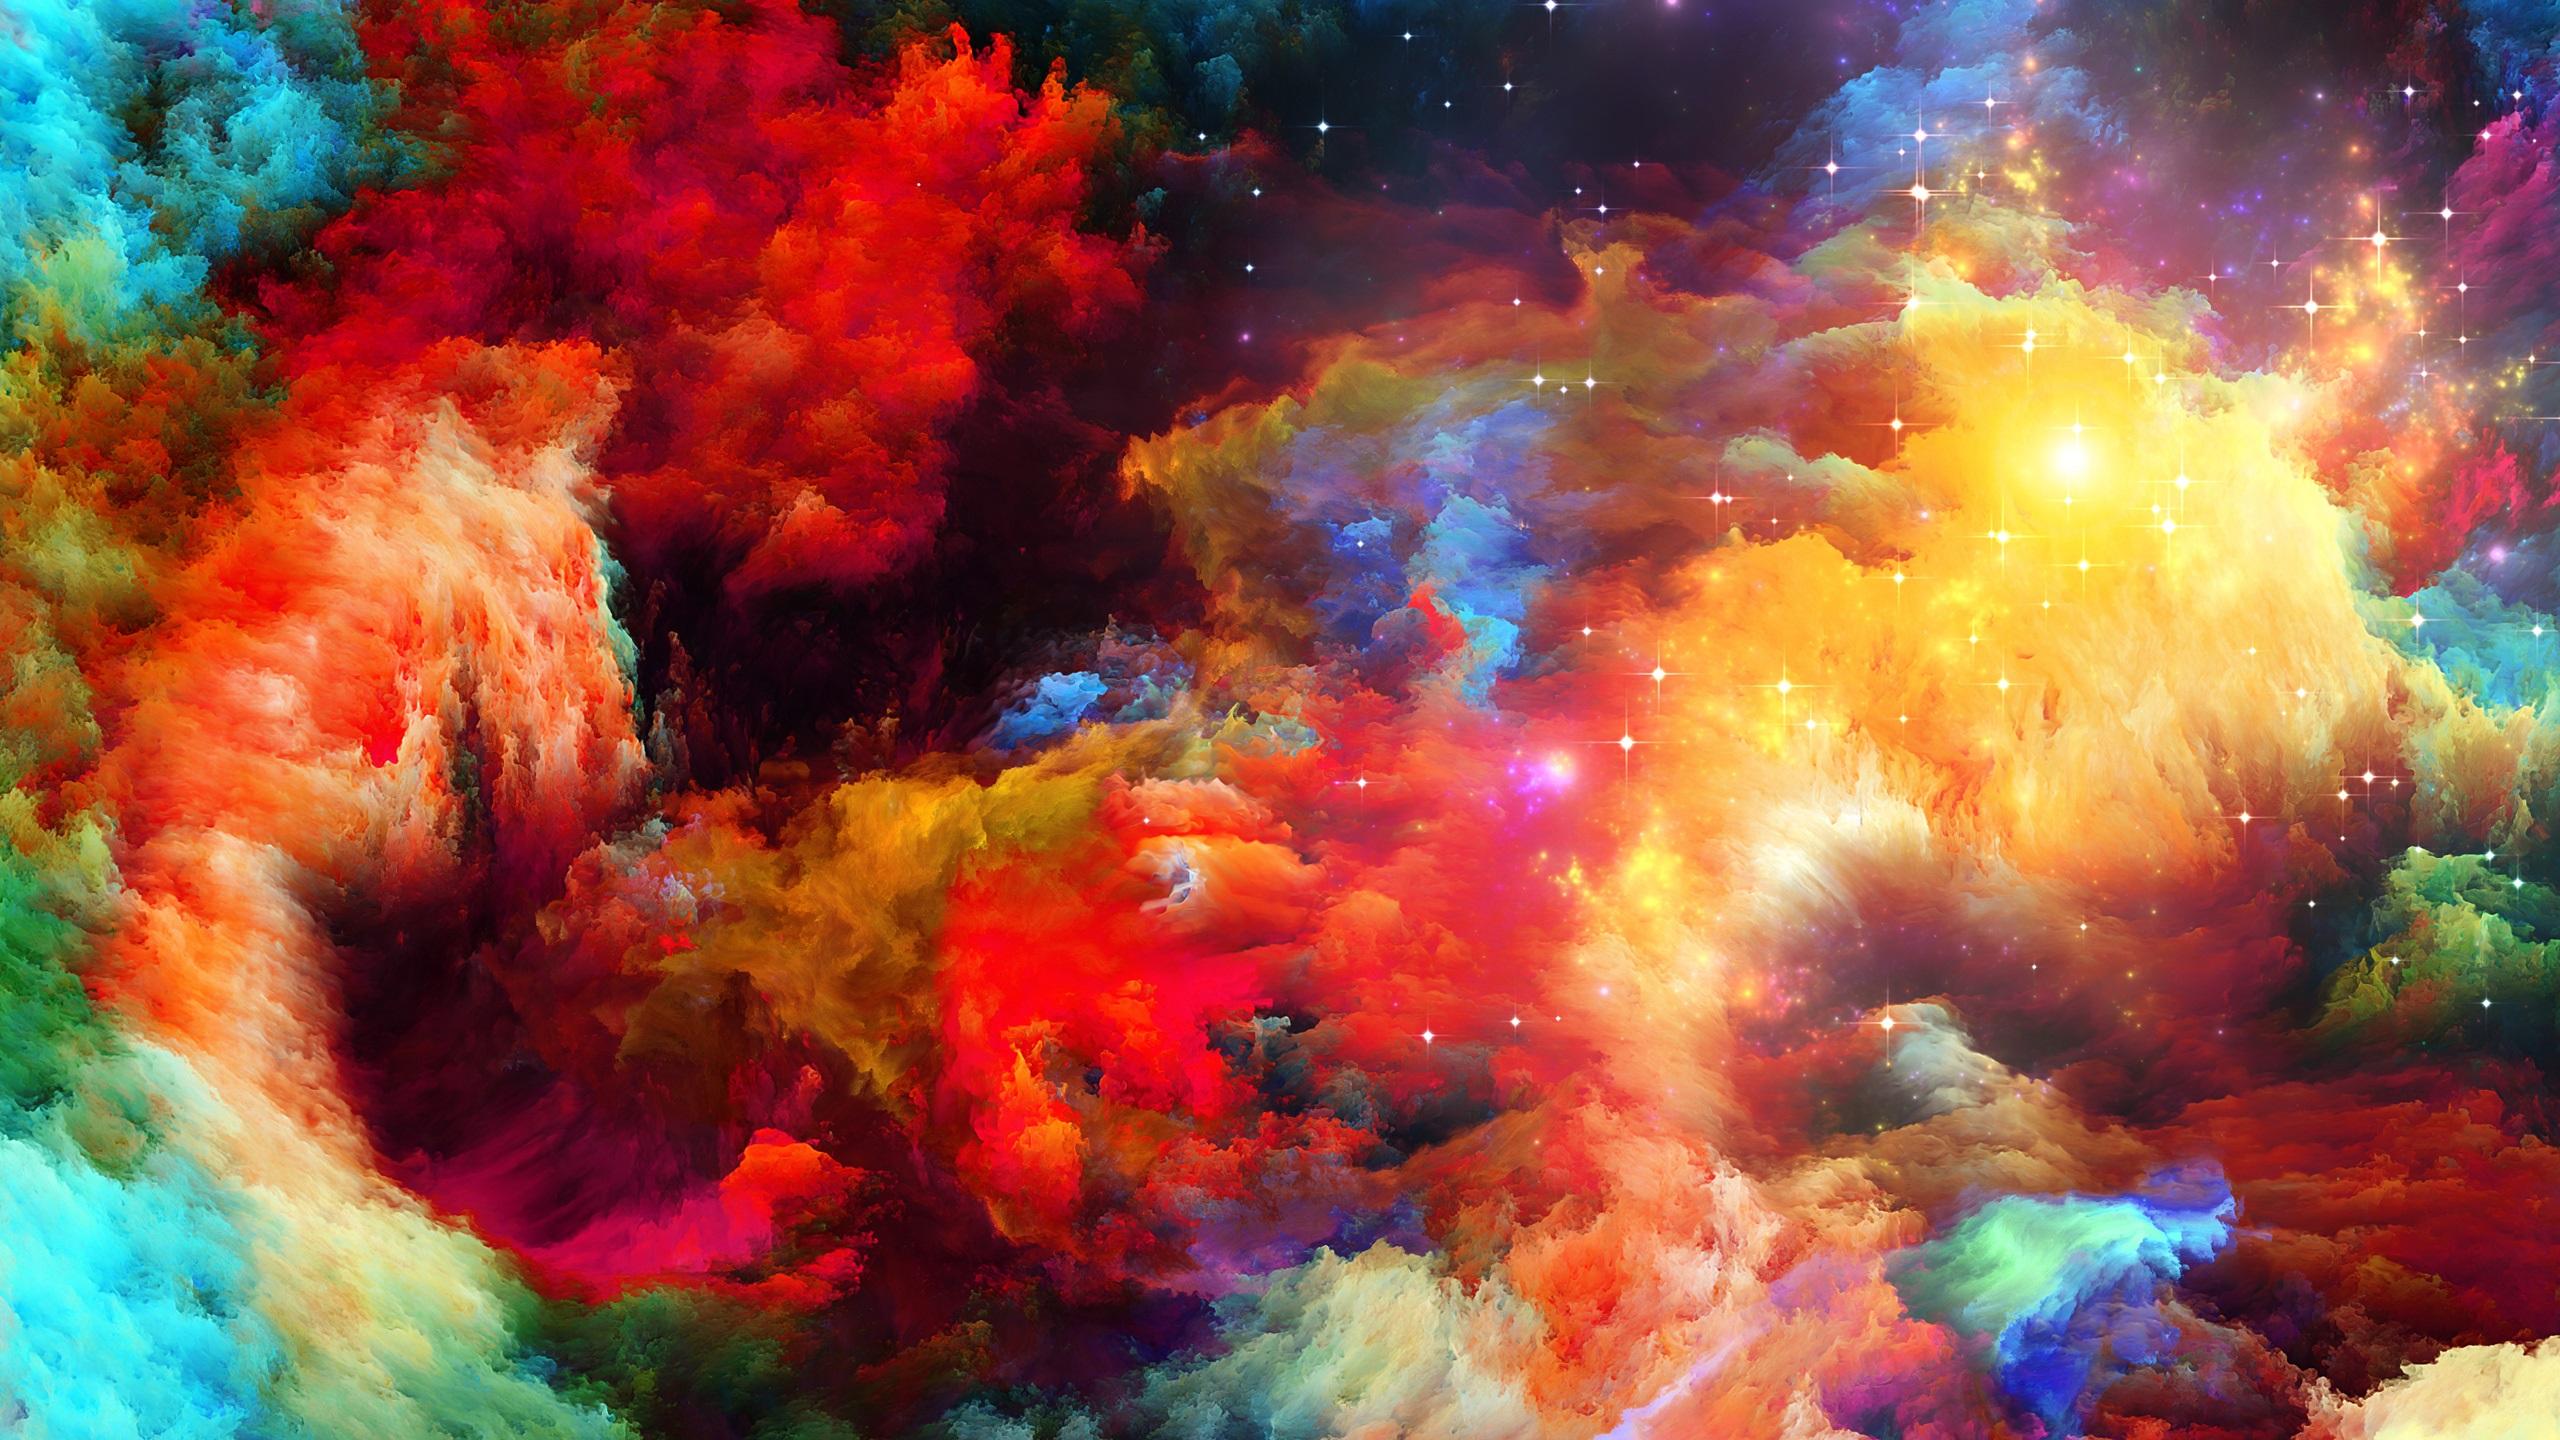 Abstract Colors Flashy Bird 4k: 壁紙 カラフルなスペース、抽象的なデザイン、星 2560x1920 HD 無料のデスクトップの背景, 画像